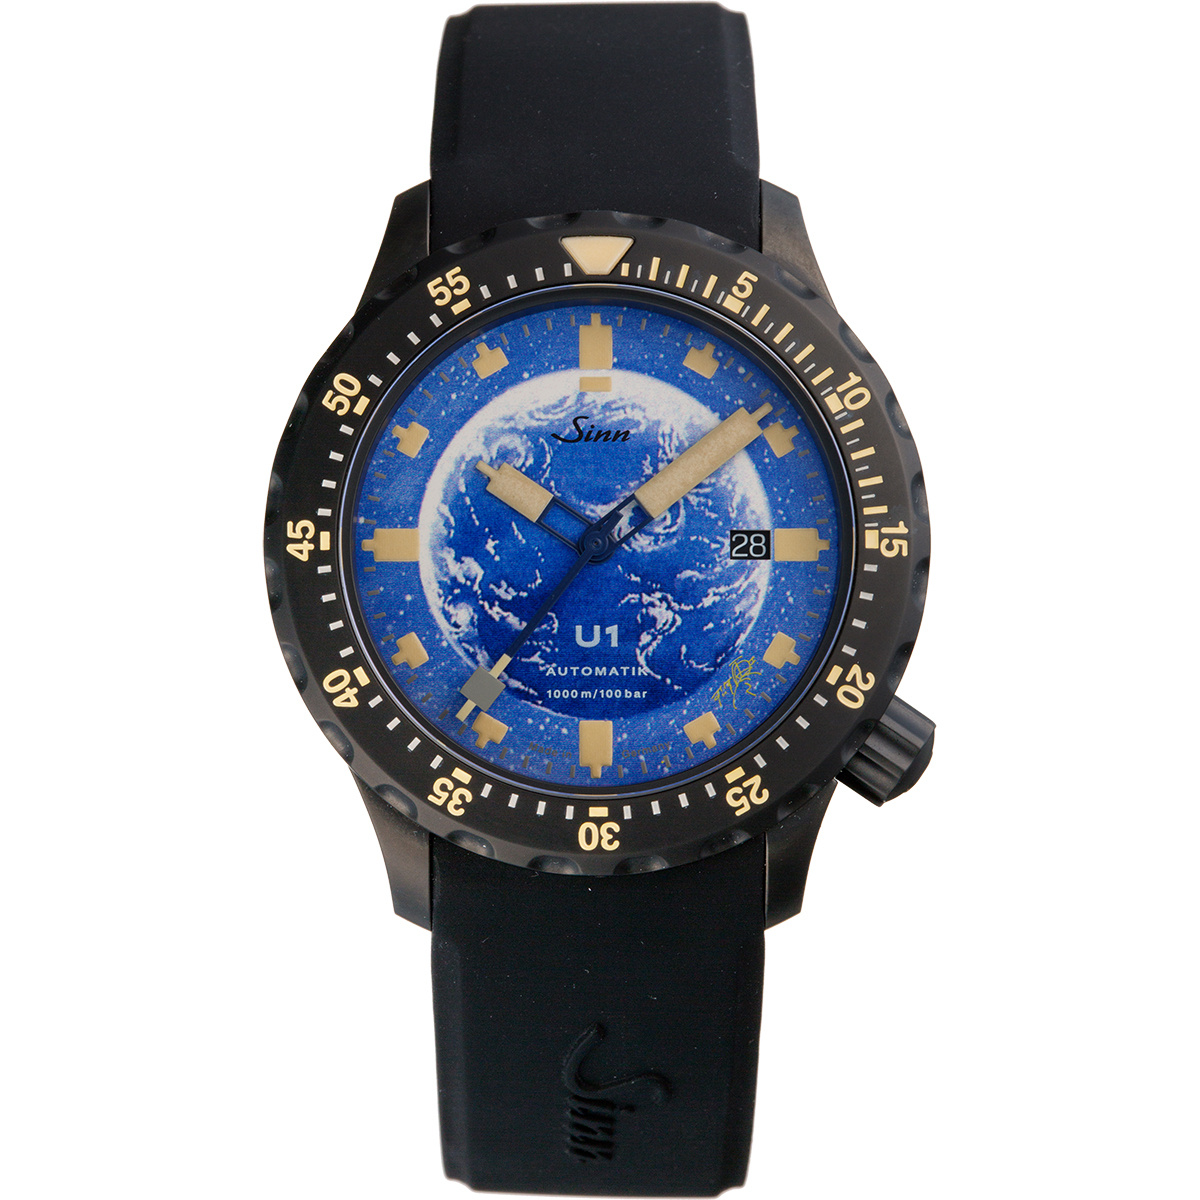 SF漫画作家・松本零士が地球を描いた腕時計、11月16日午前零時に予約受付をスタート。